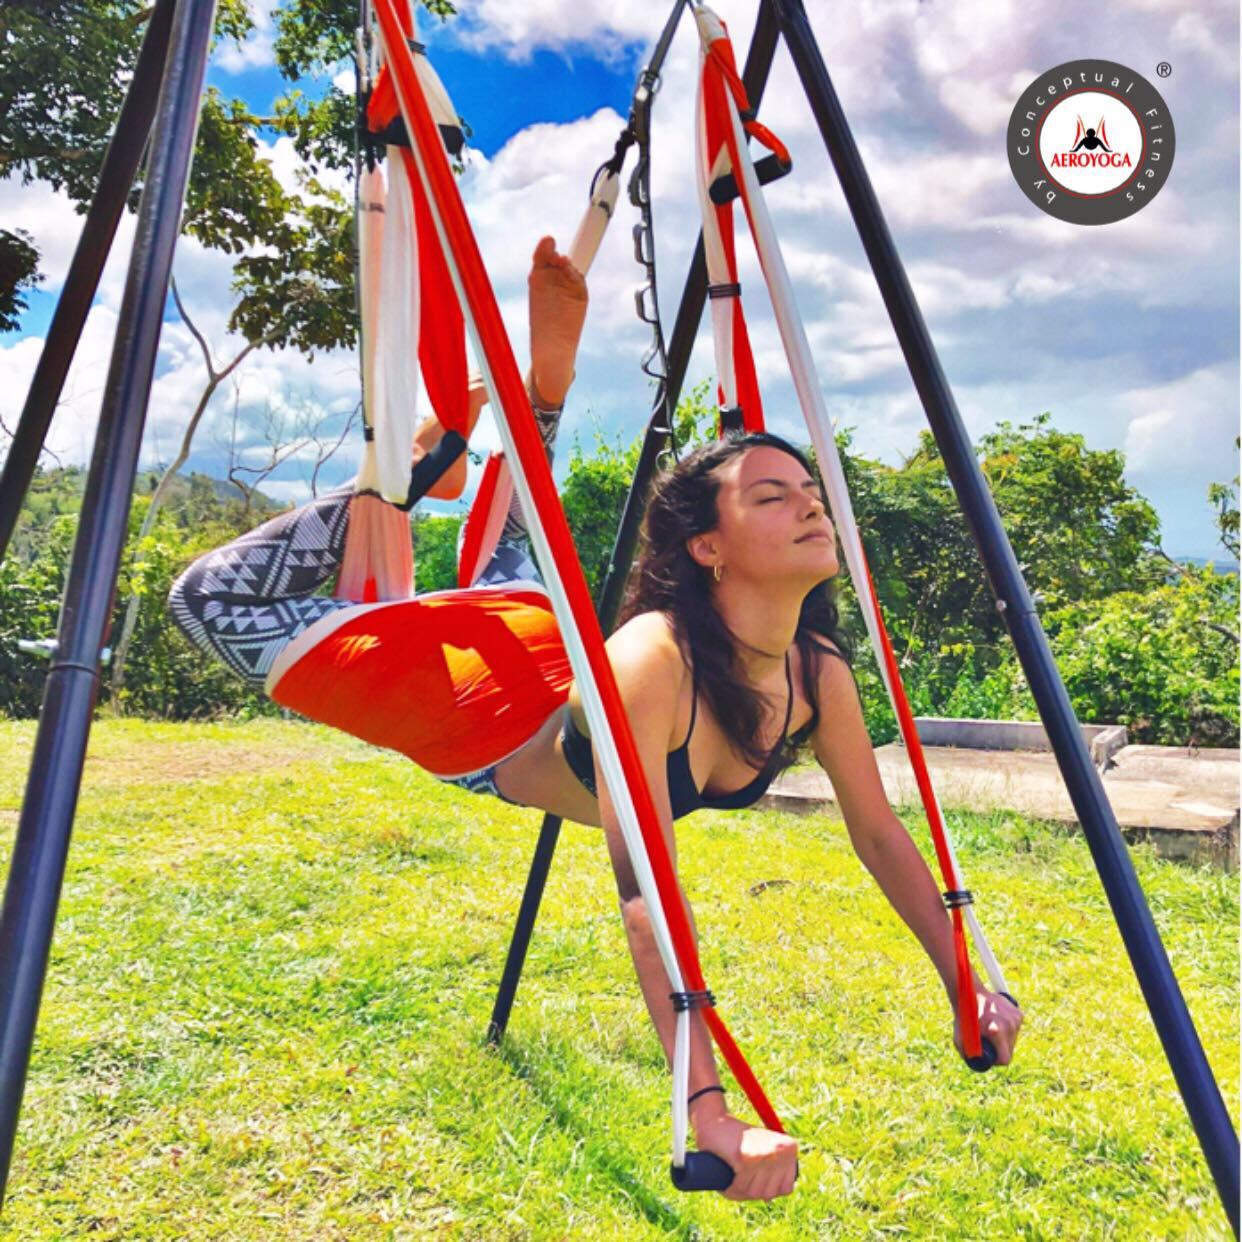 Formación Yoga Aéreo Puerto Rico, Practica el AeroYoga ® al Aire Libre